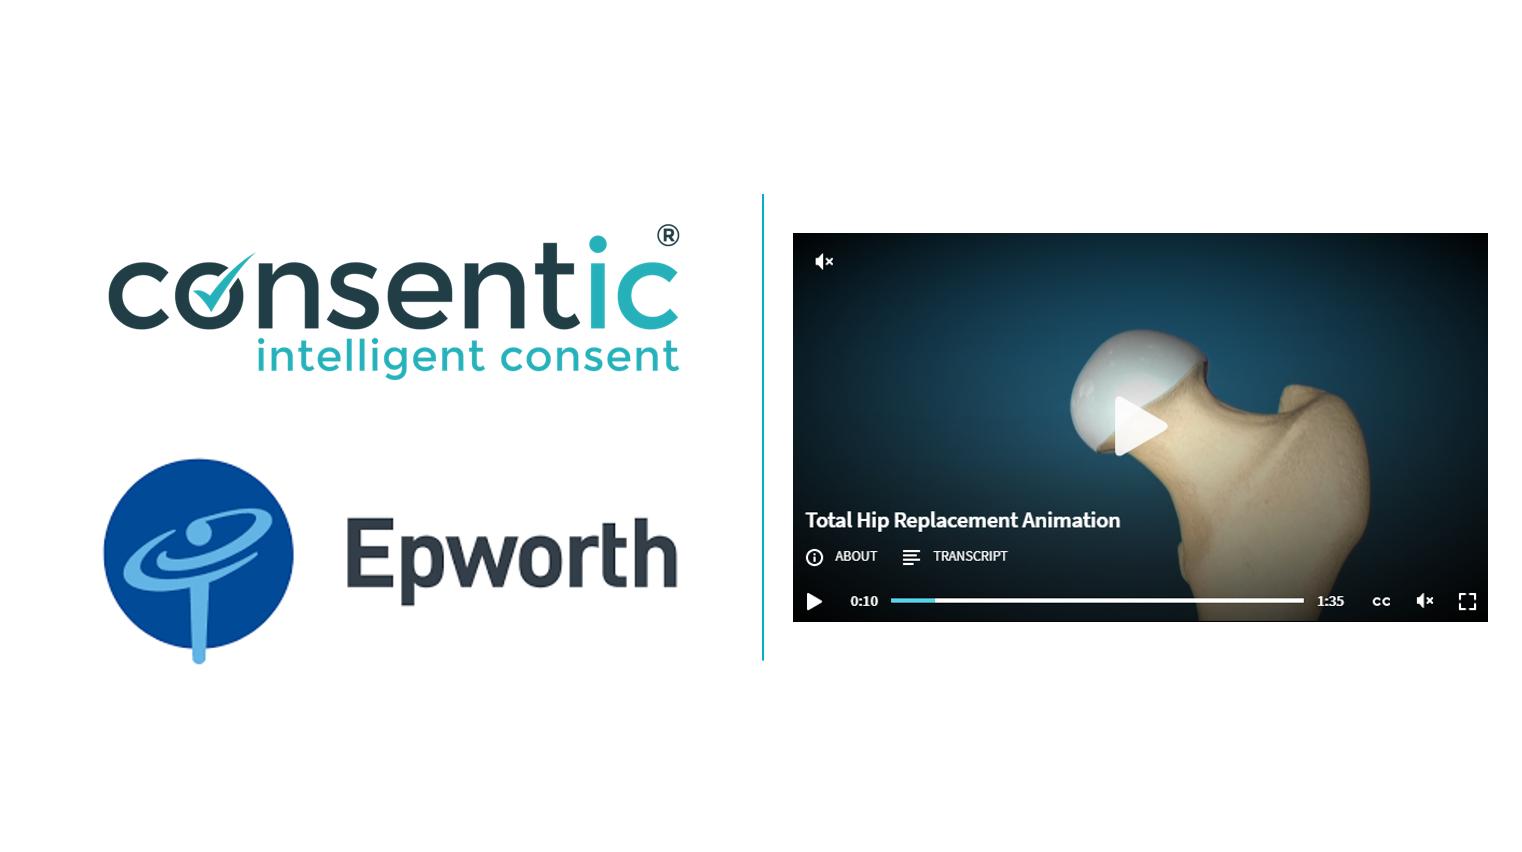 Epworth Consentic E-Consent Study